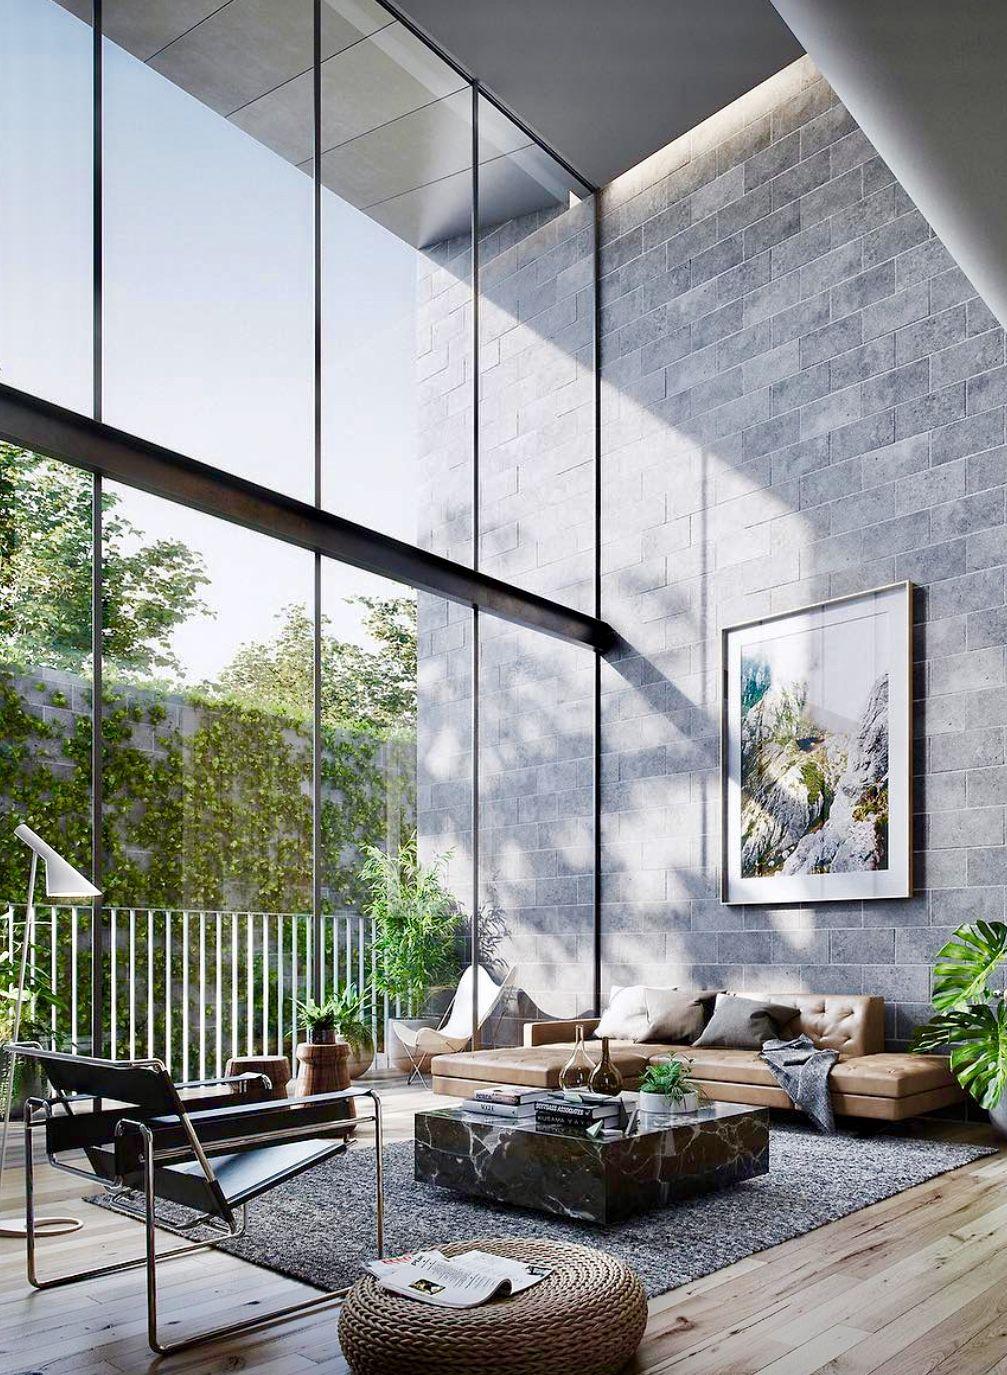 Fait tout déco maison maison moderne plan maison verrière salon maison